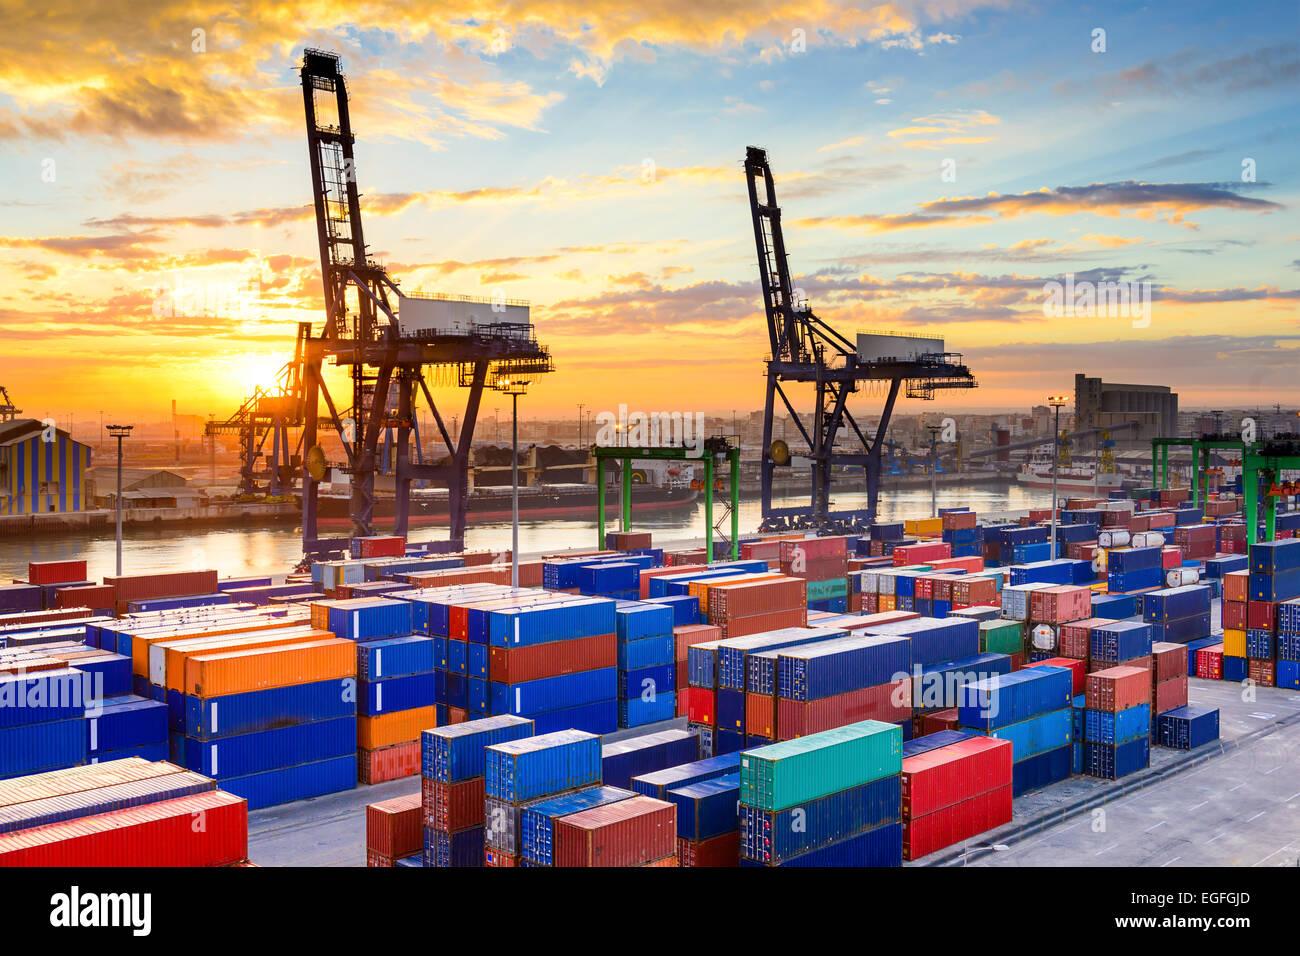 Porto industriale all'alba al porto di Casablanca, Marocco. Immagini Stock